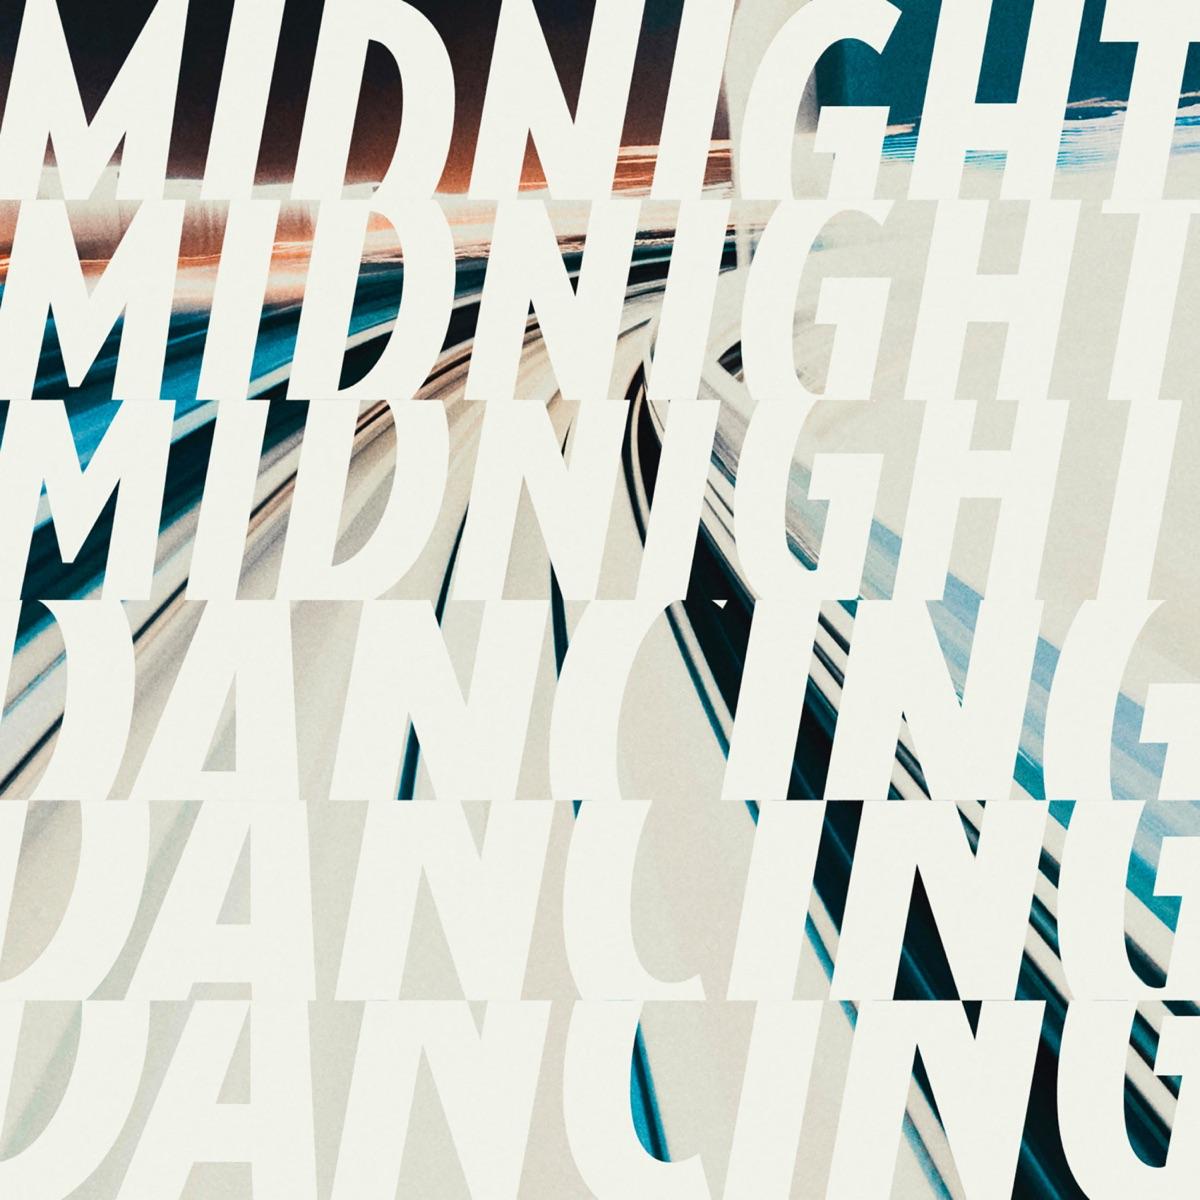 『クボタカイ - MIDNIGHT DANCING 歌詞』収録の『MIDNIGHT DANCING』ジャケット